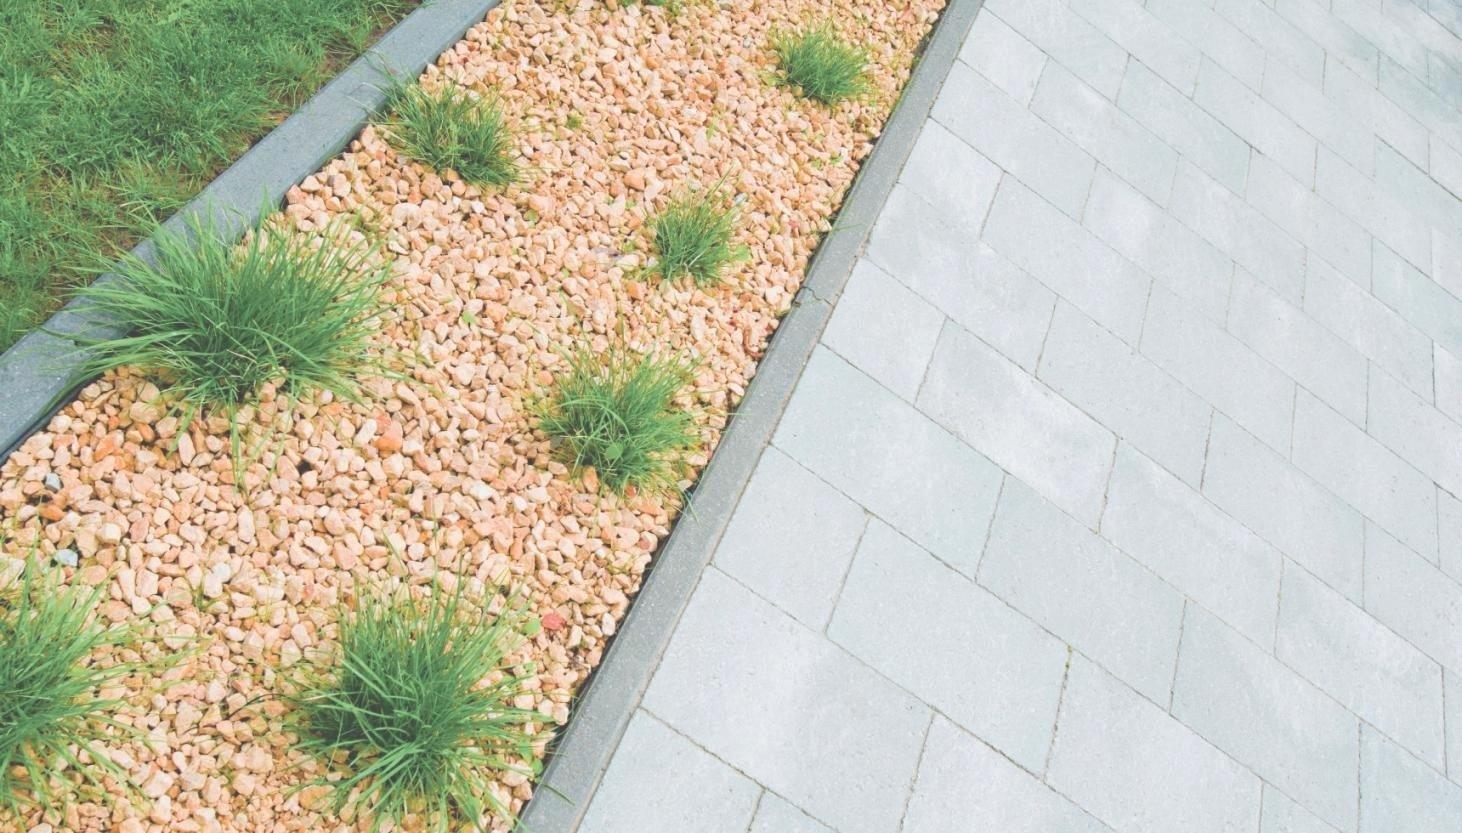 Bordure Jardin Moderne Unique Photos Bordure De Jardin Ardoise Best Bordure Jardin Ardoise Frais Parterre